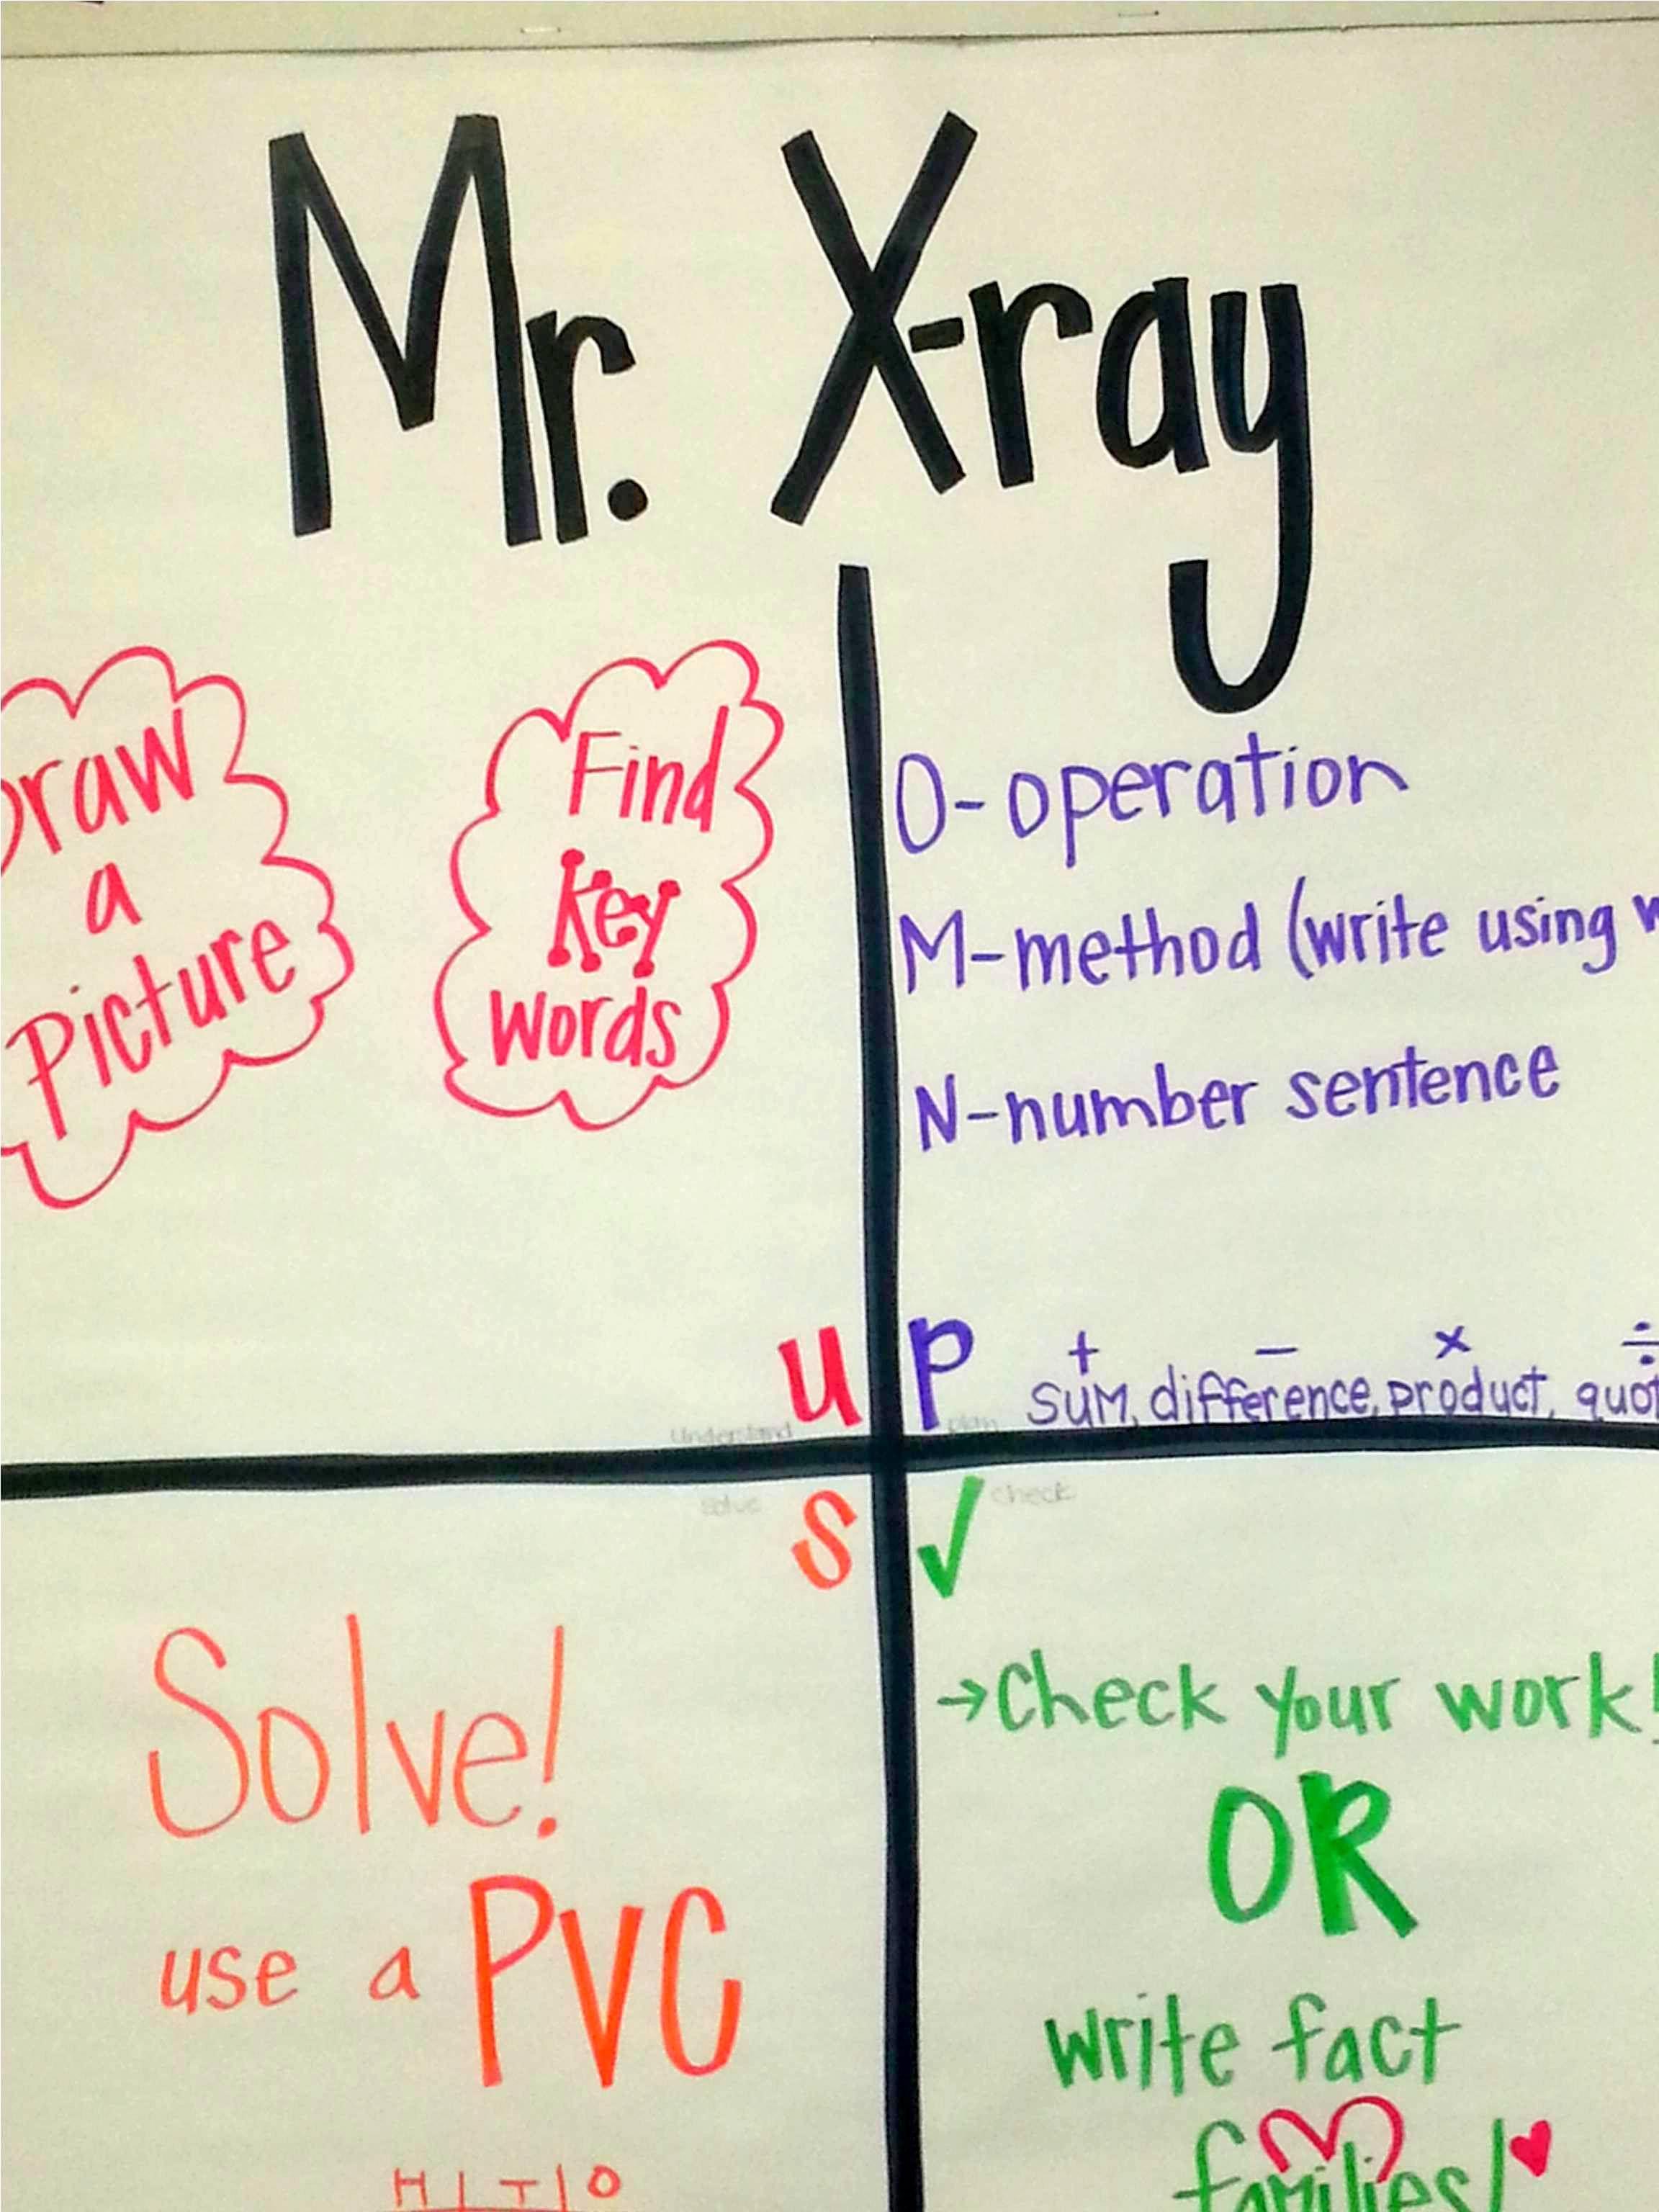 problem solving process anchor chart -  u0026quot mr  x-ray u0026quot  photo credit